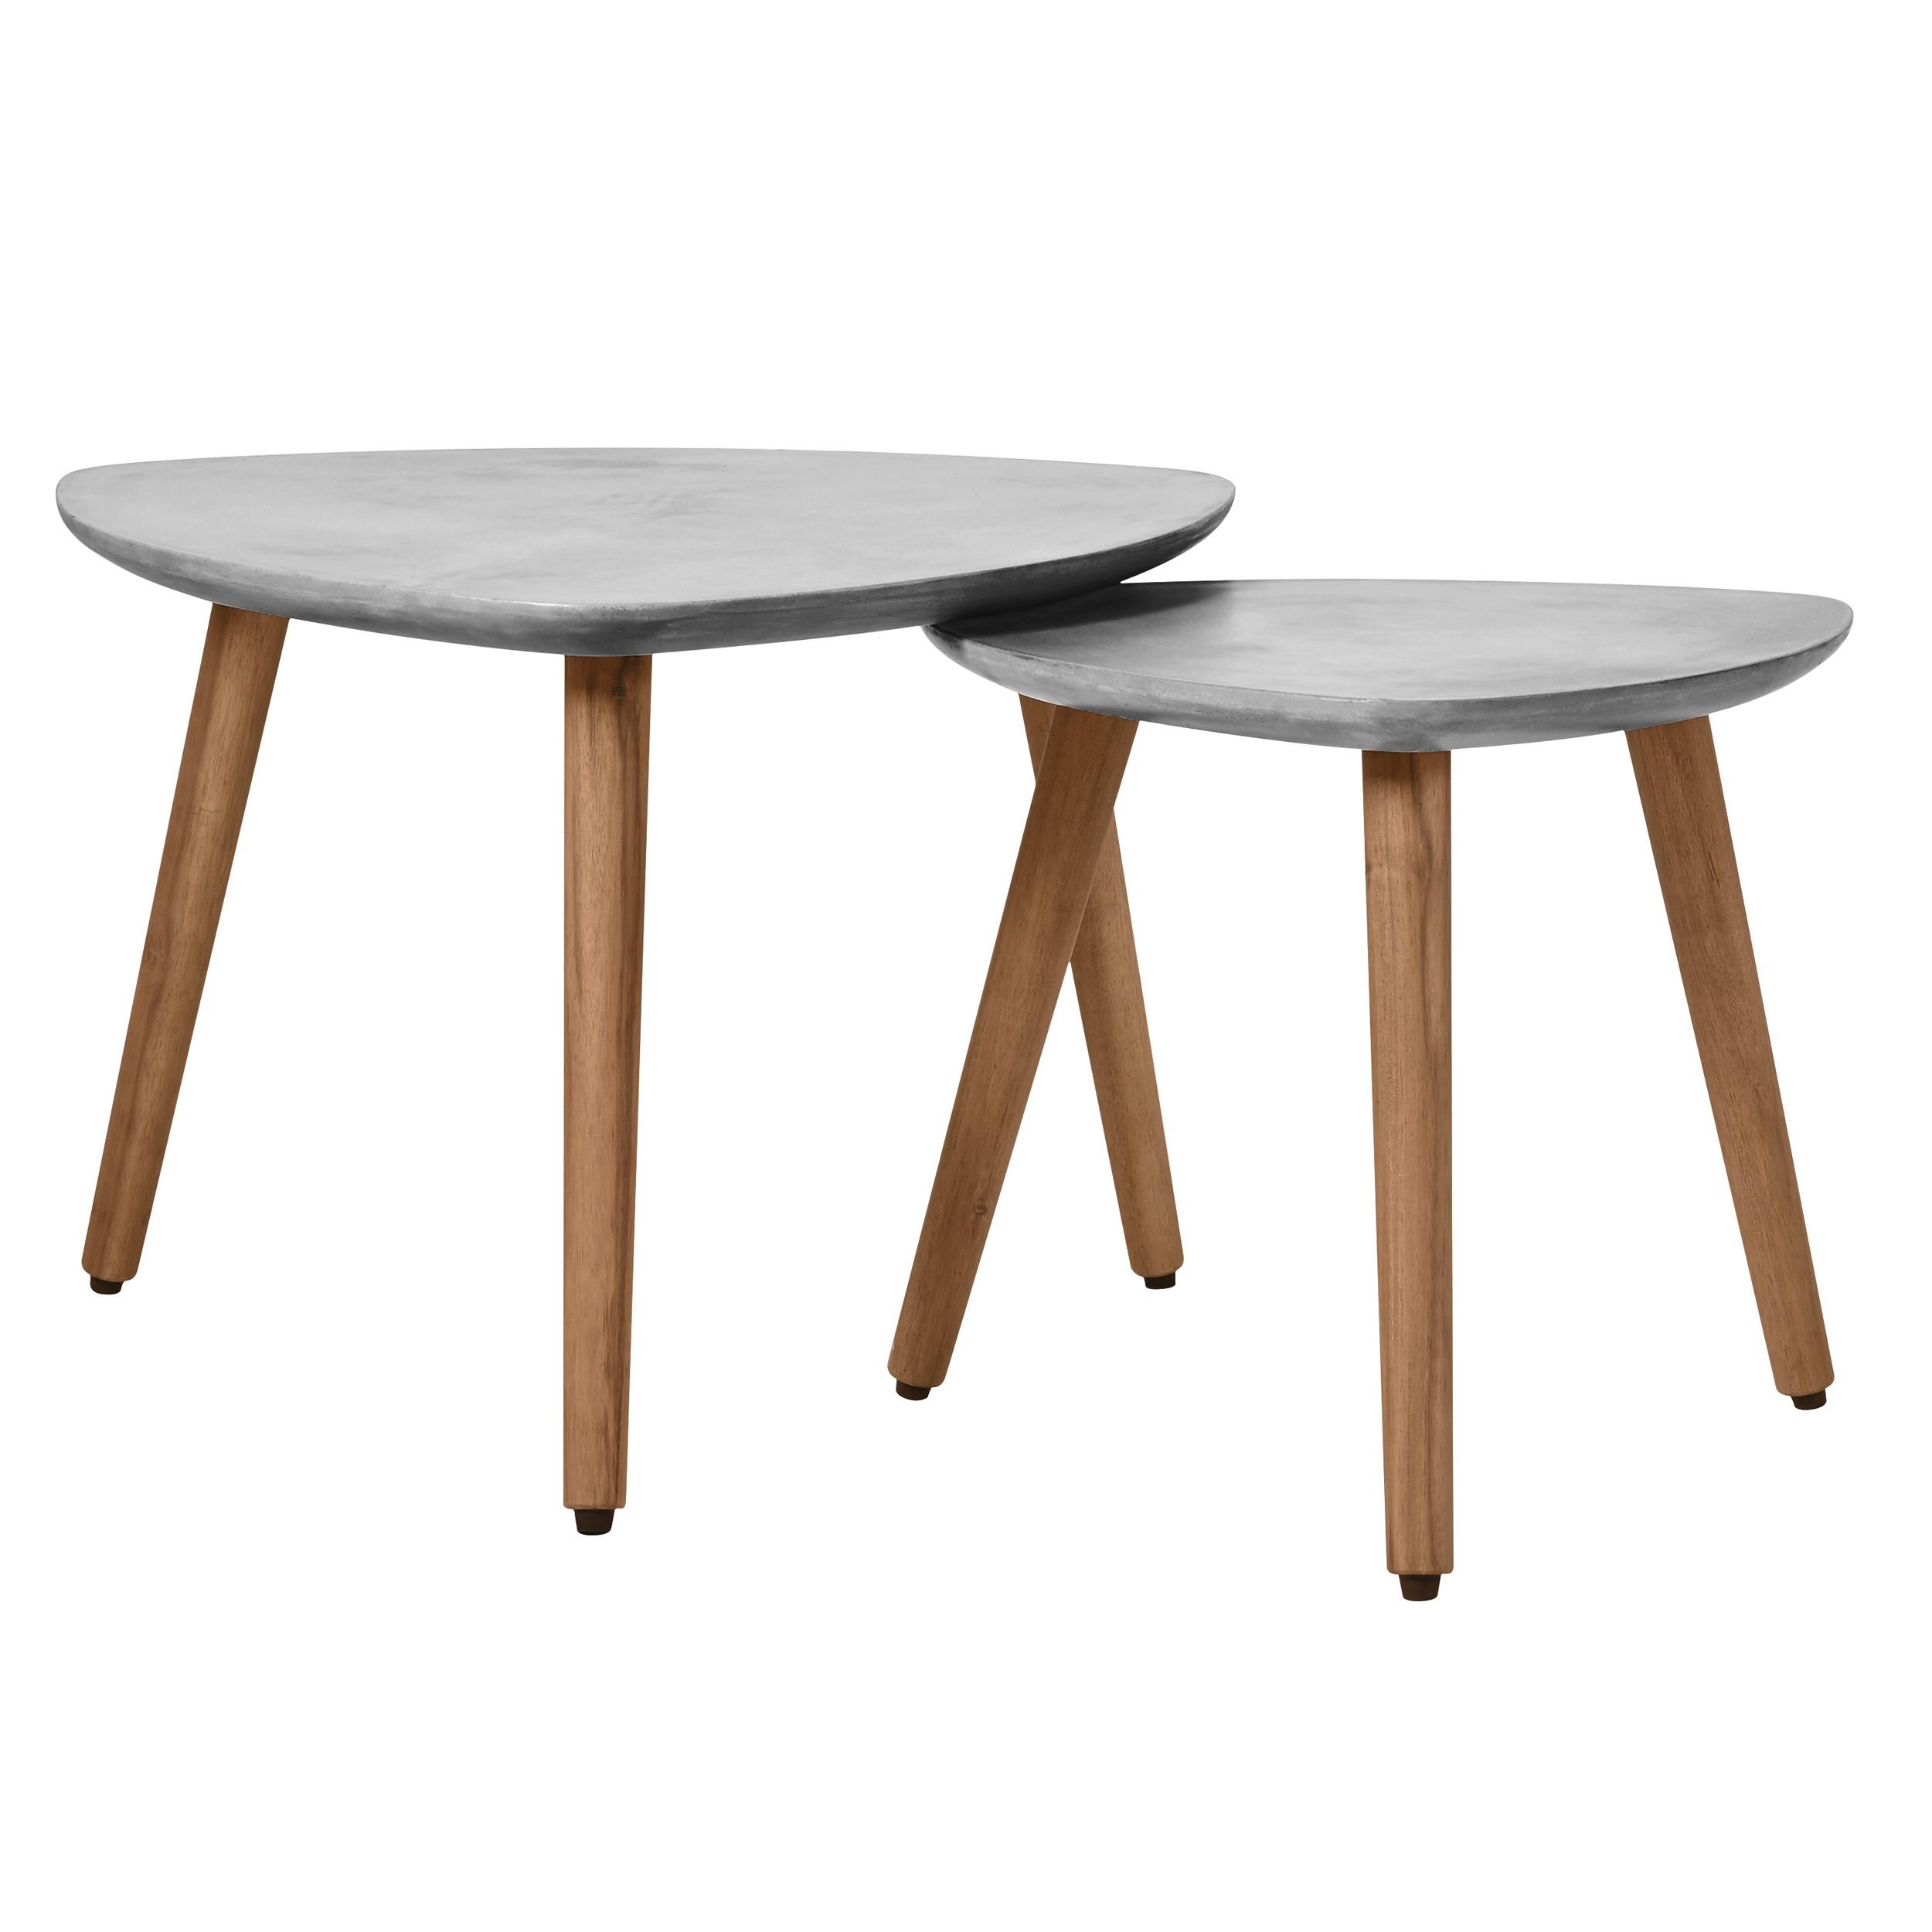 acheter table basse scandinave en beton